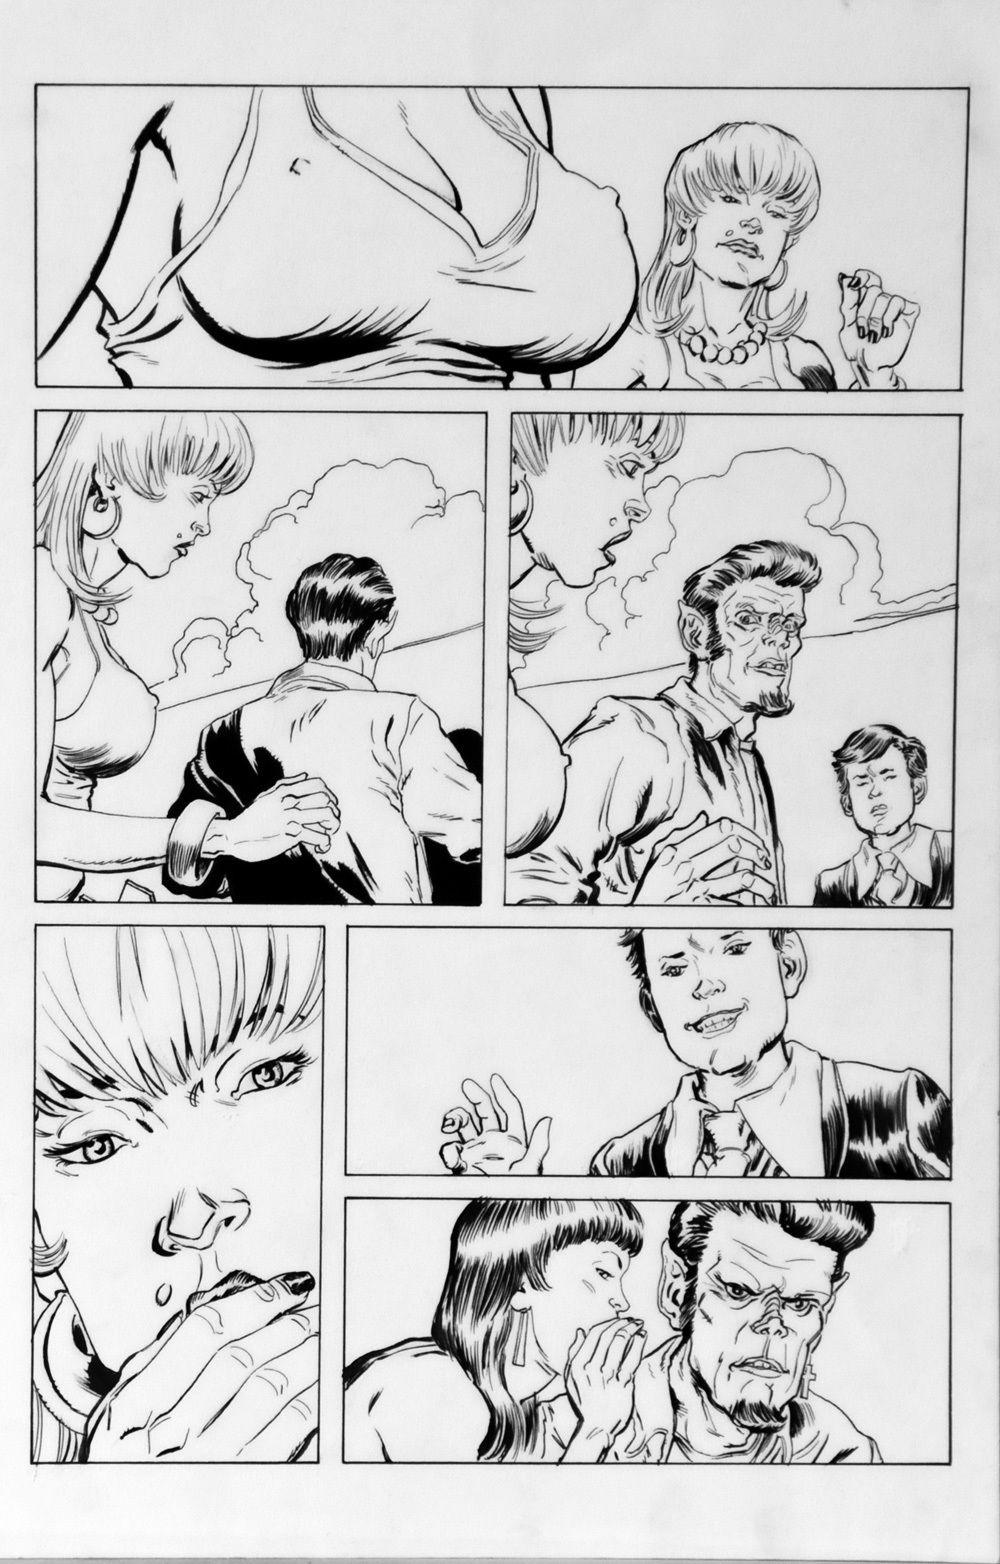 DEAN KOTZ Original Published Art, TRAILER PARK of TERROR #9 page 10, Zombies